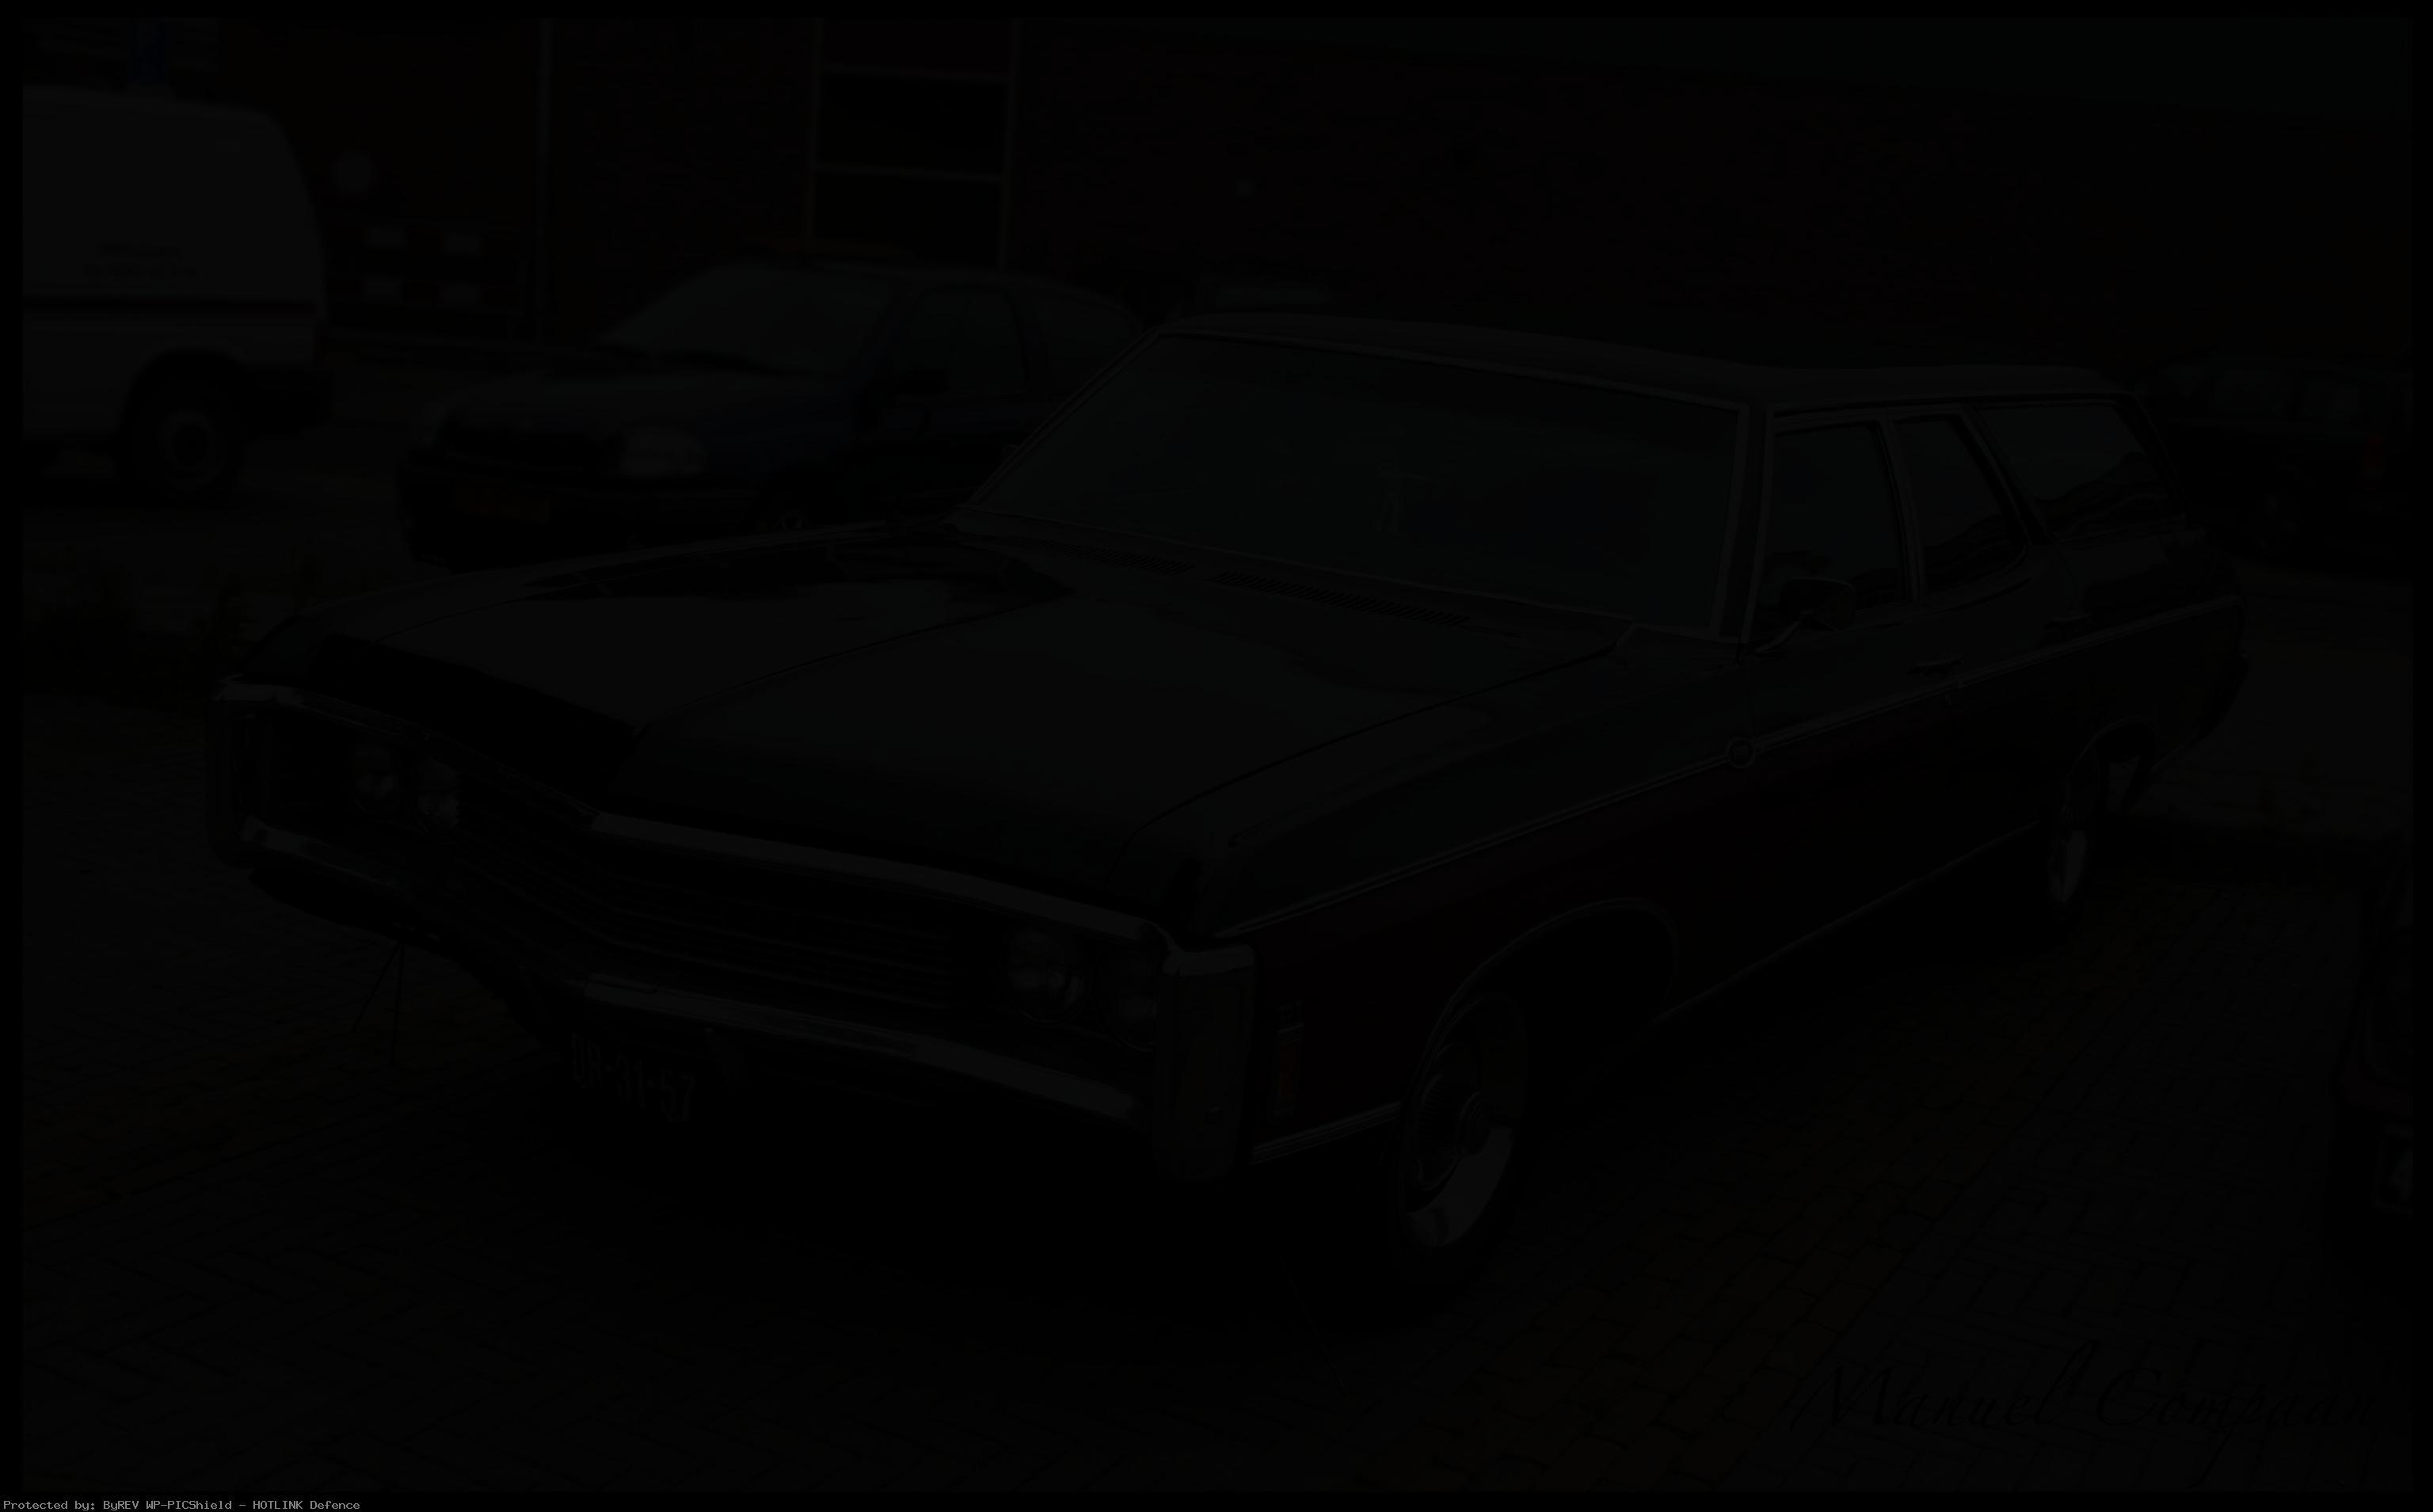 … ideas about on pinterest best chevrolet impala 1967 wallpaper ideas  about on pinterest s s chevrolet impala …